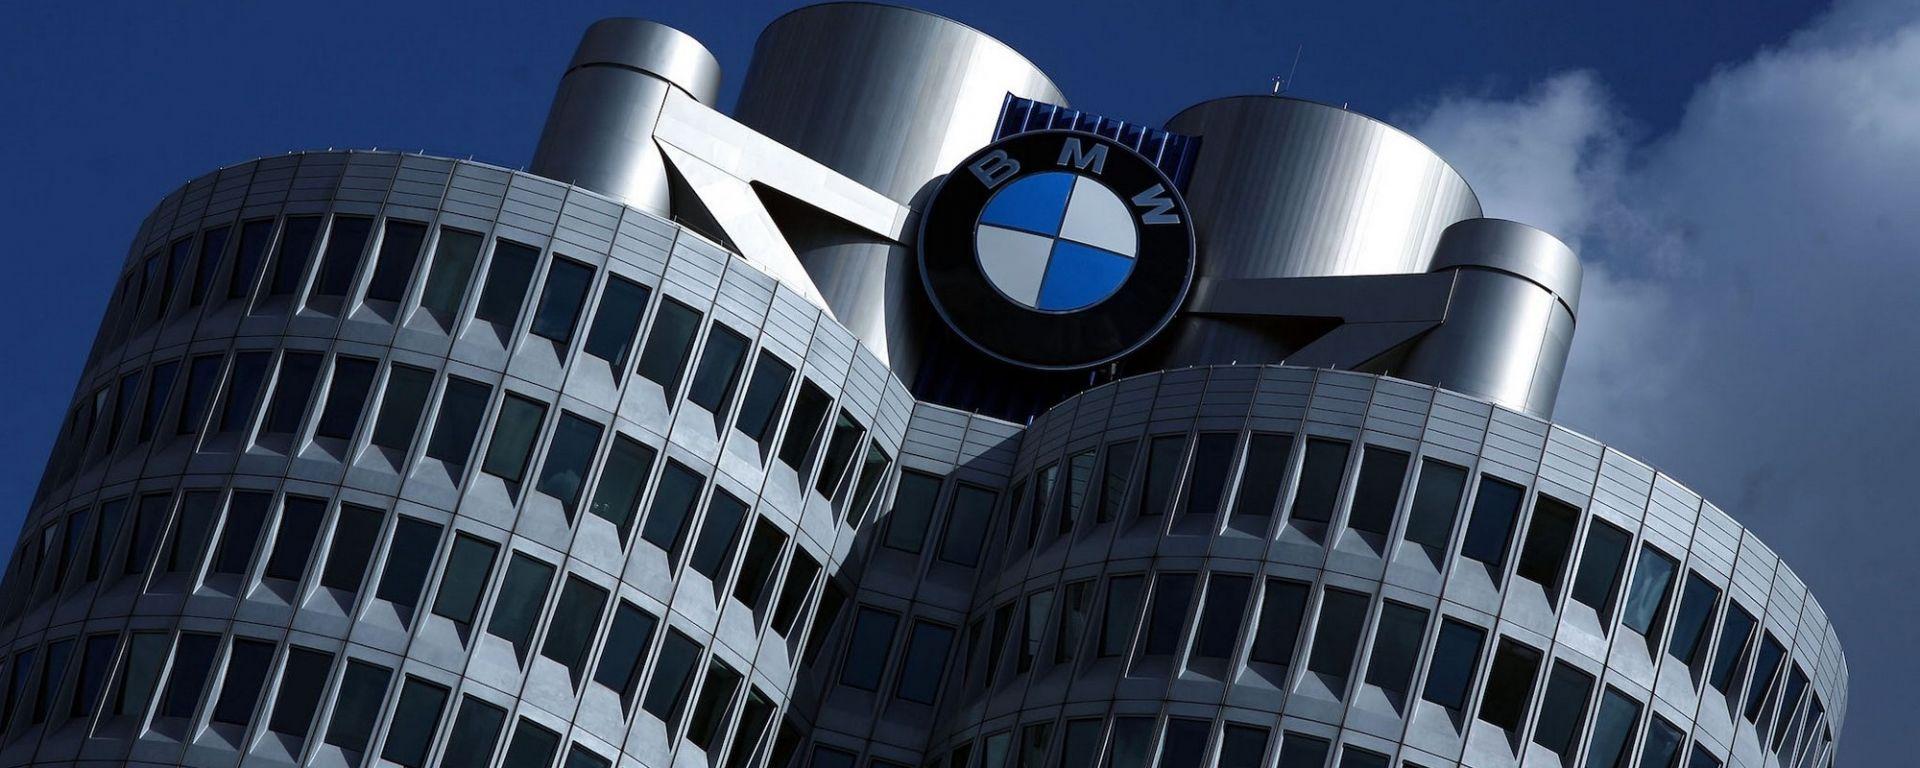 BMW, campagna di richiamo per oltre 1 milione di auto diesel